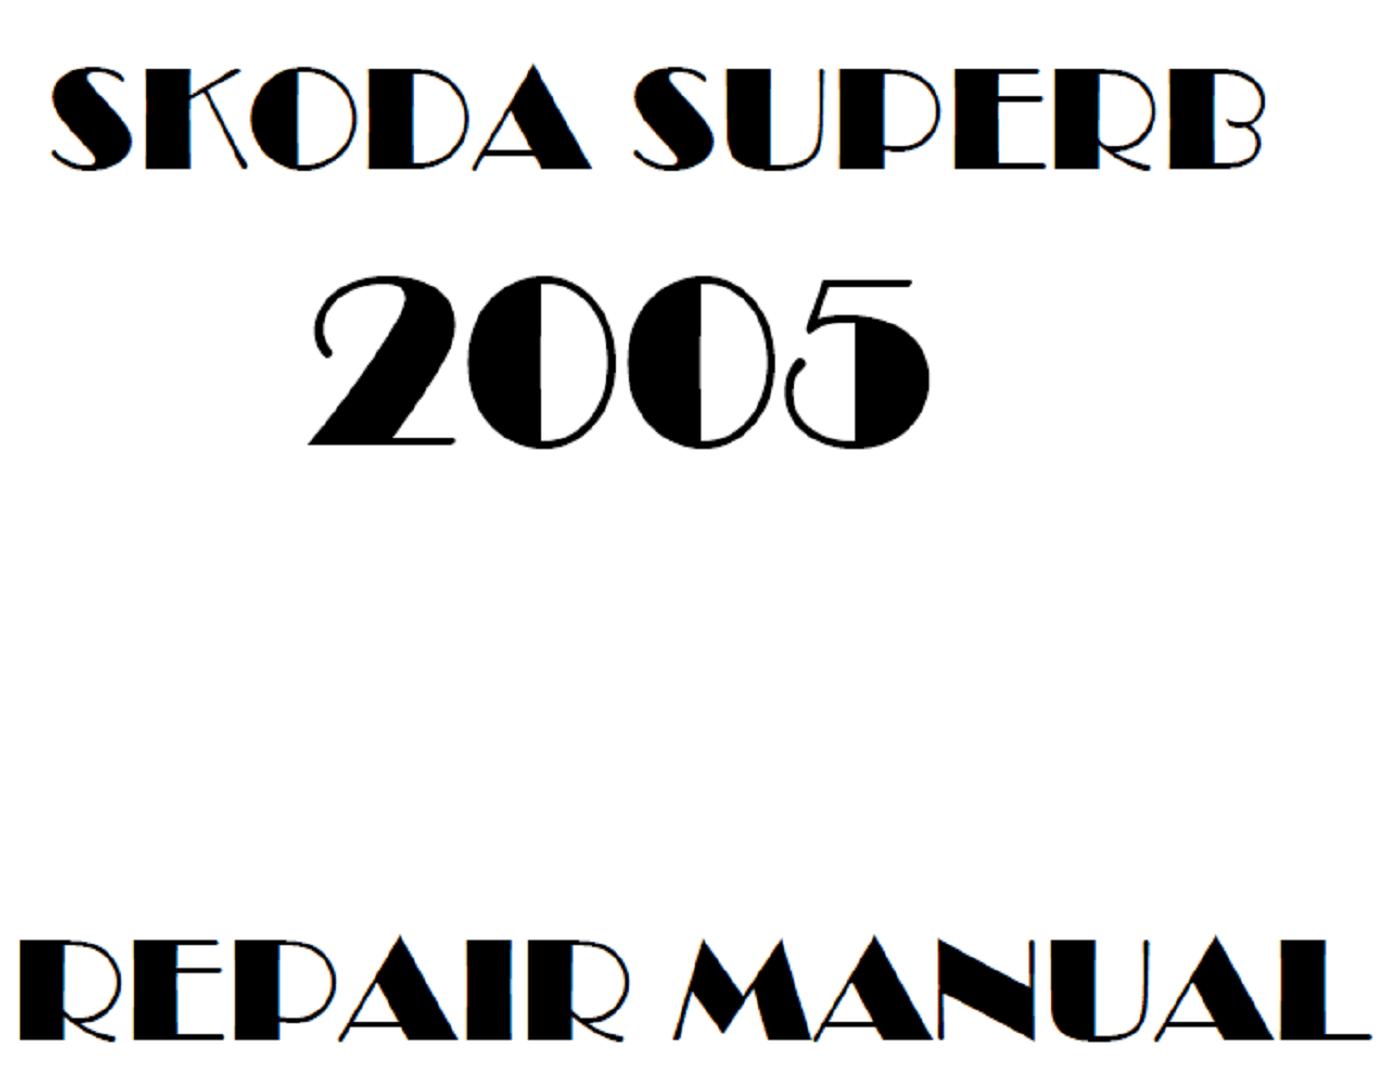 2005 Skoda Superb repair manual